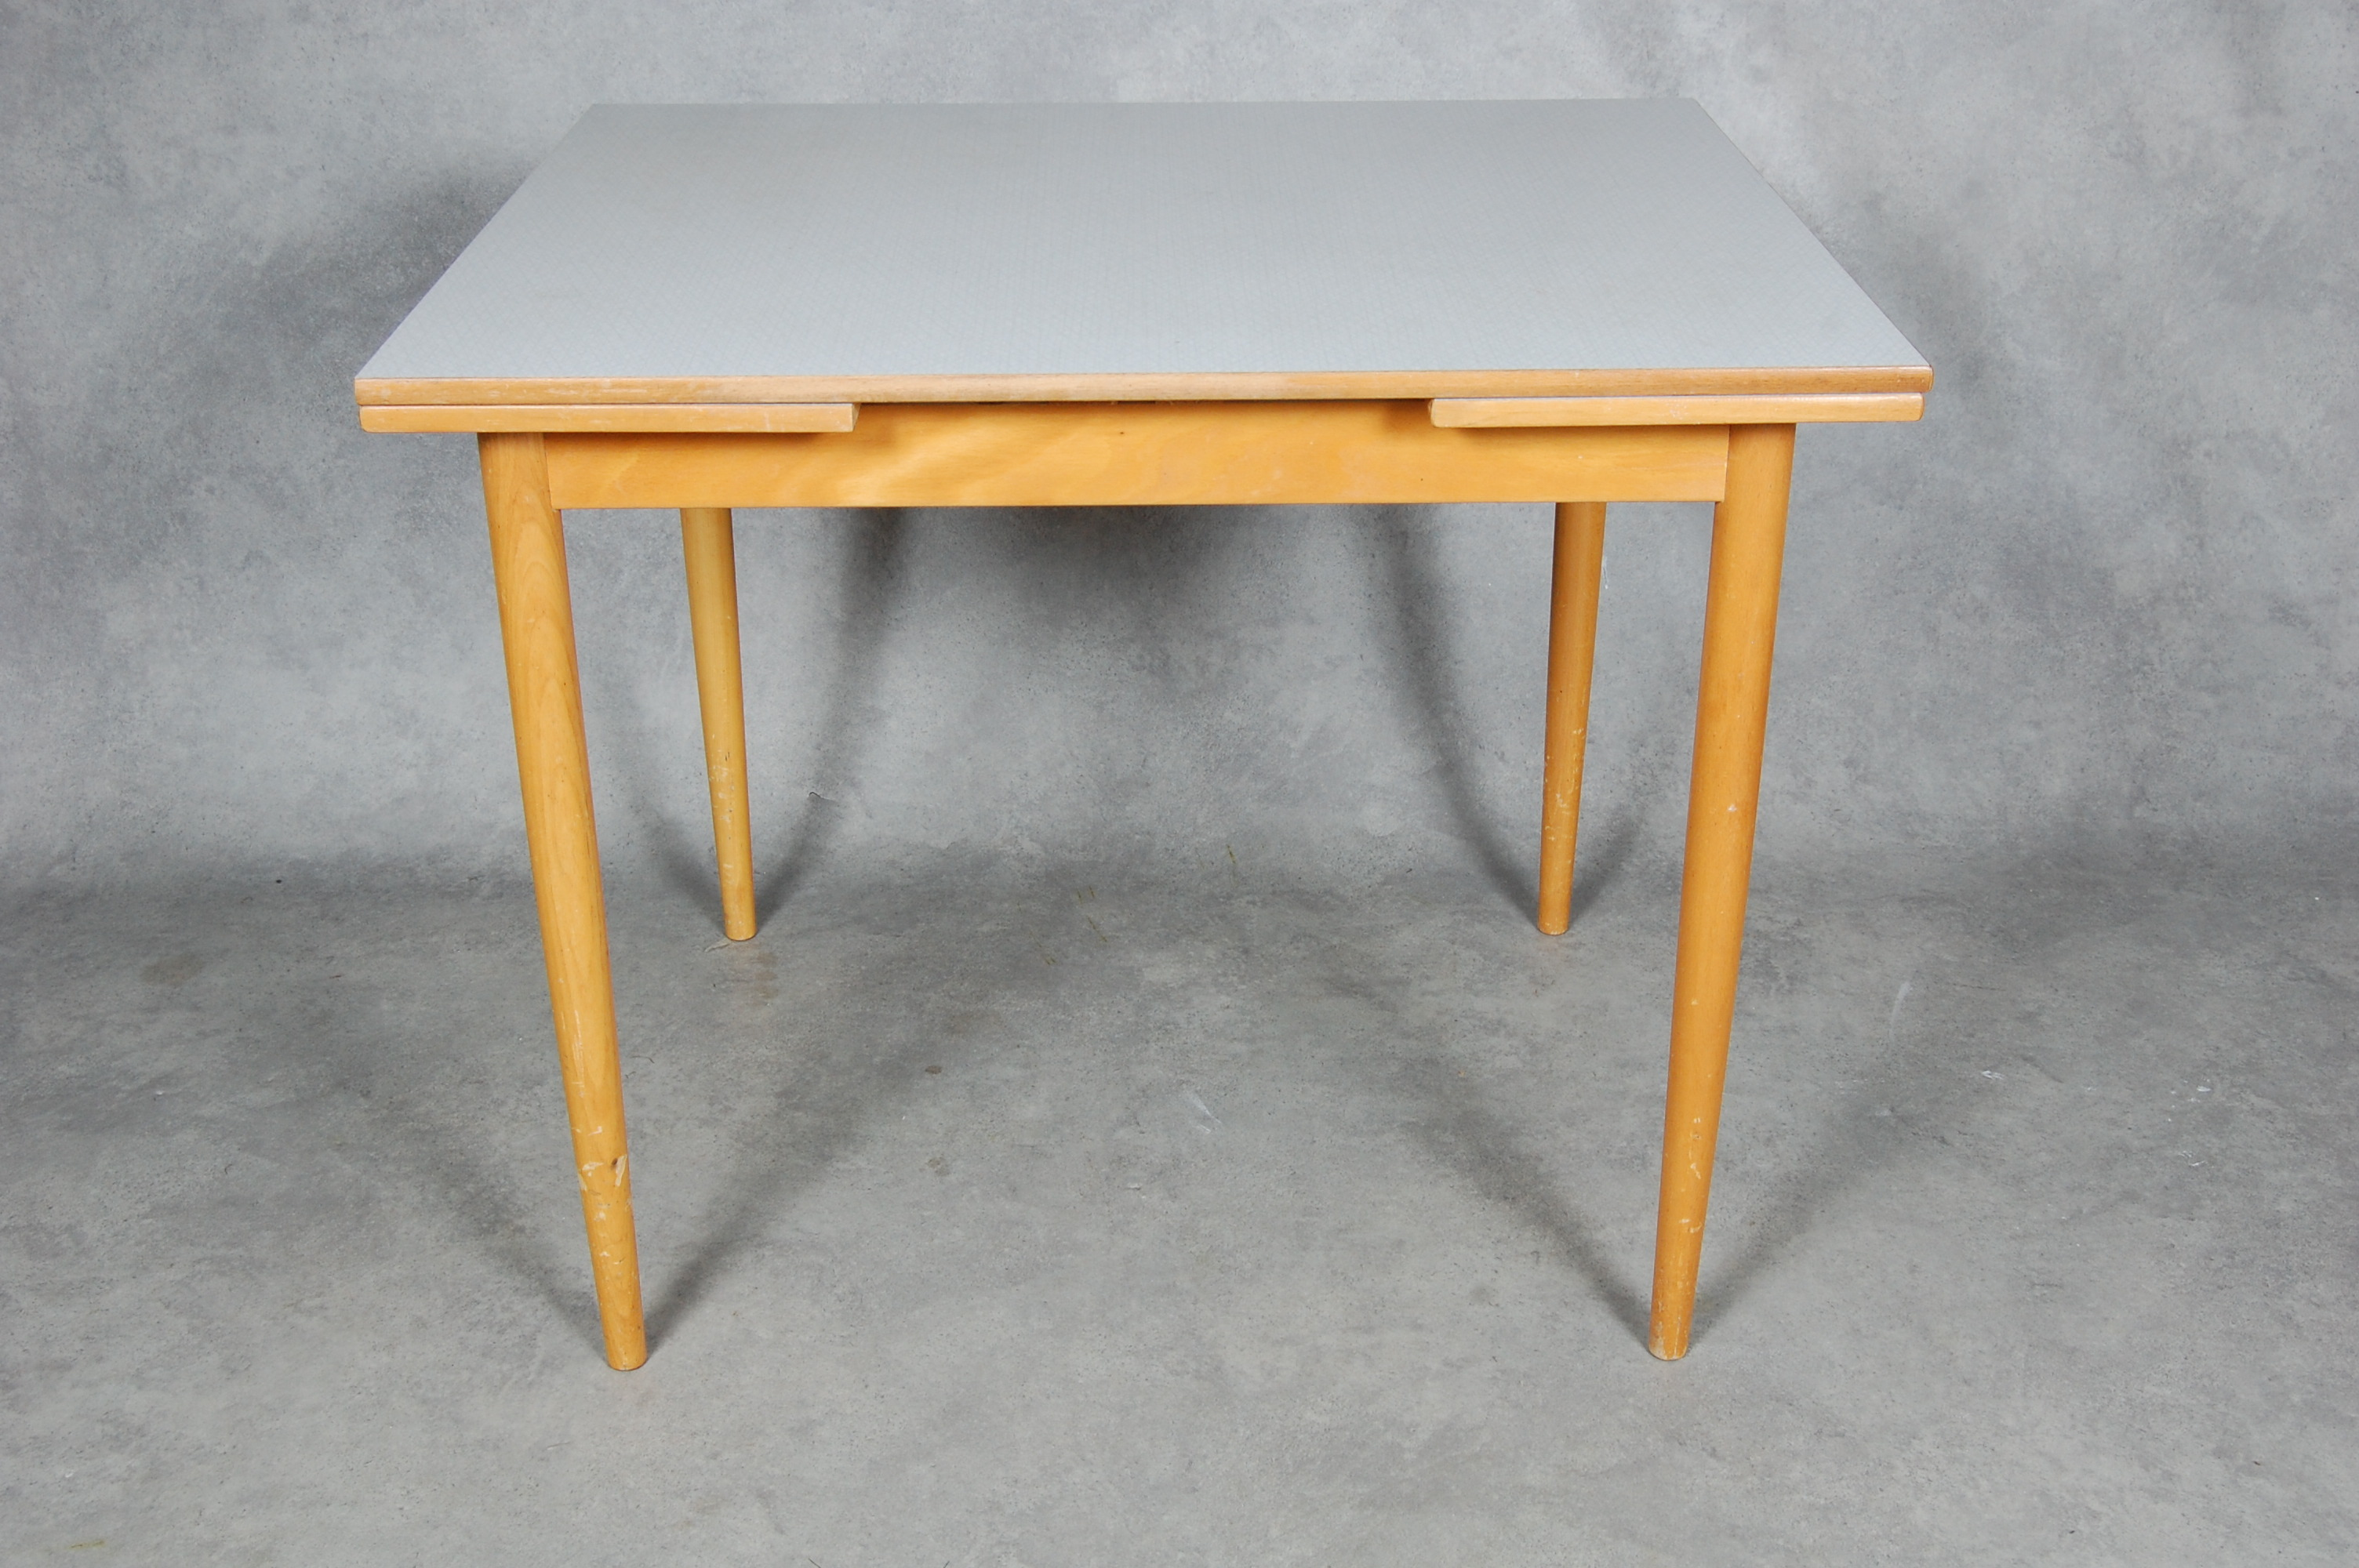 Litet Koksbord Med Klaff : Bilder for 116076 KoKSBORD, med Perstorpsskiva,  VirrVarr  1950